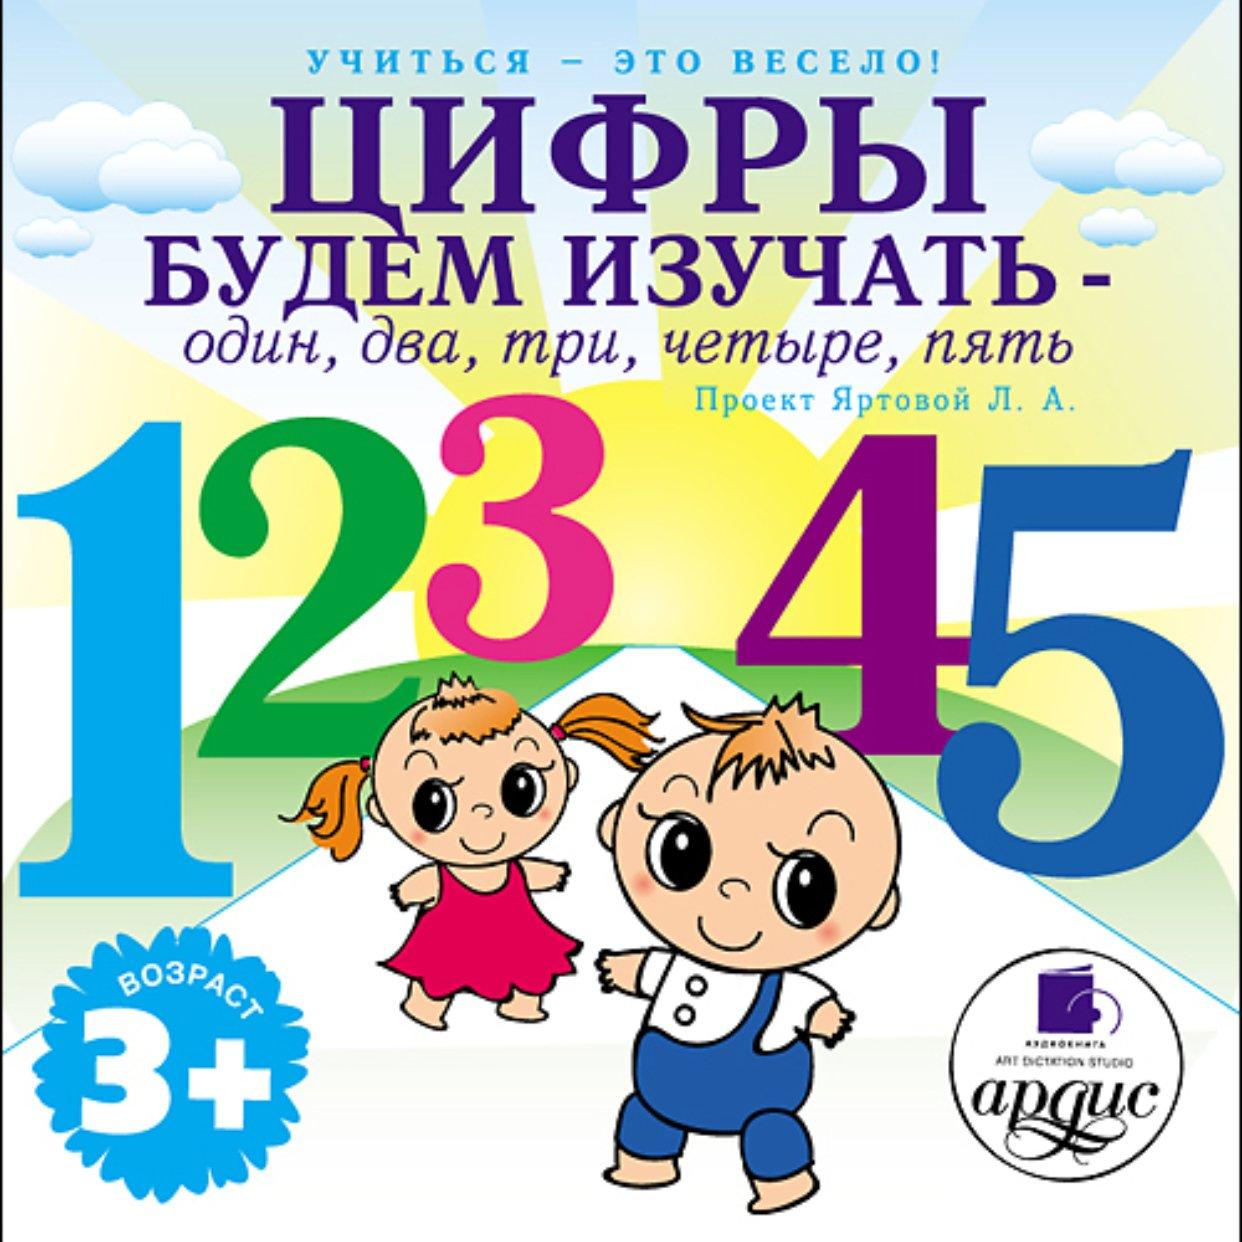 Учиться - это весело! Цифры будем изучать – один, два, три, четыре, пять